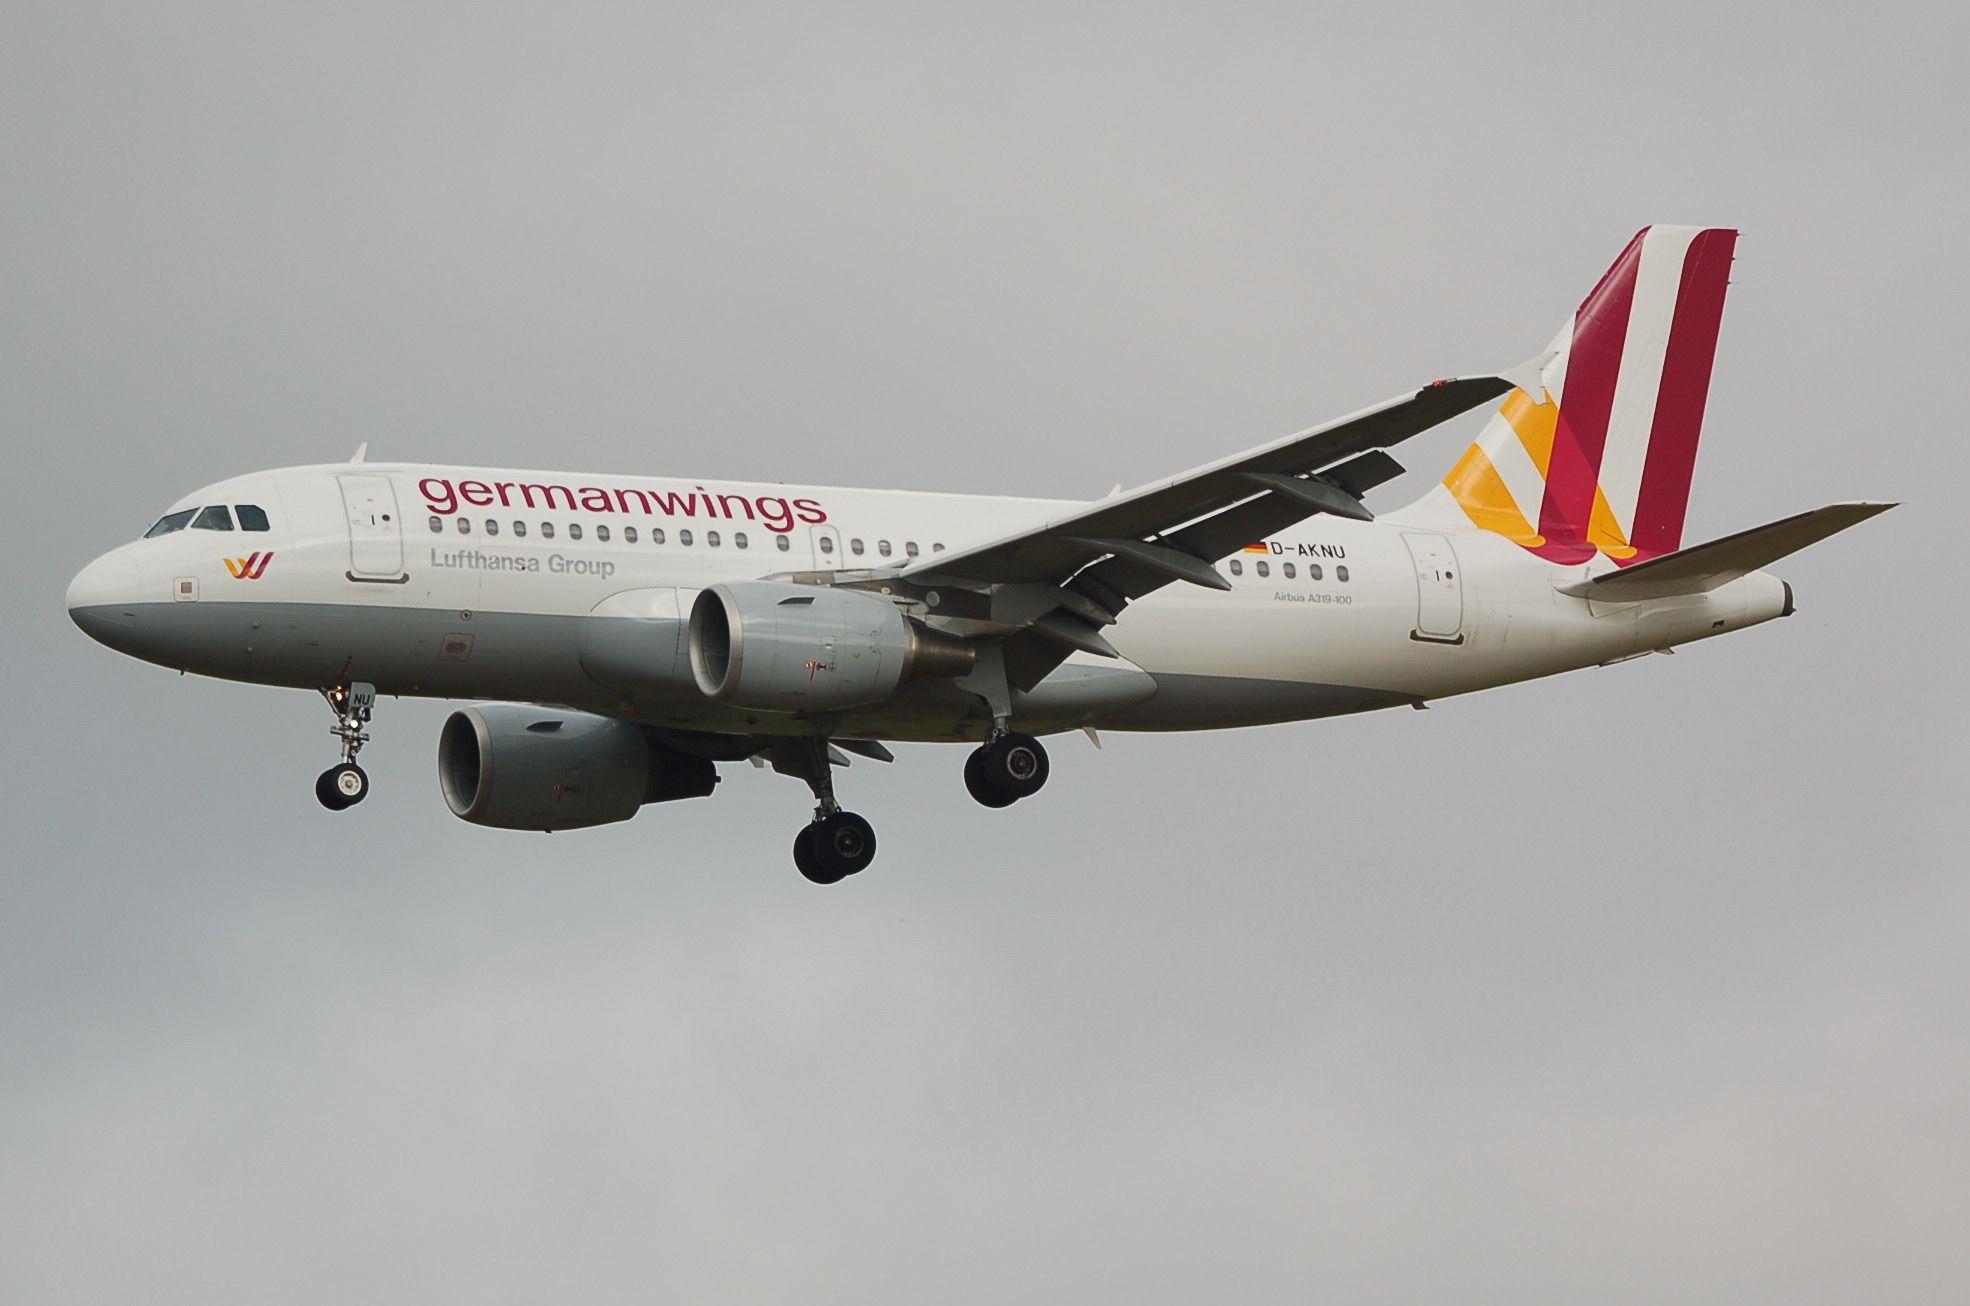 Germanwings Airbus A319 D-AKNU (Kevin Manning)